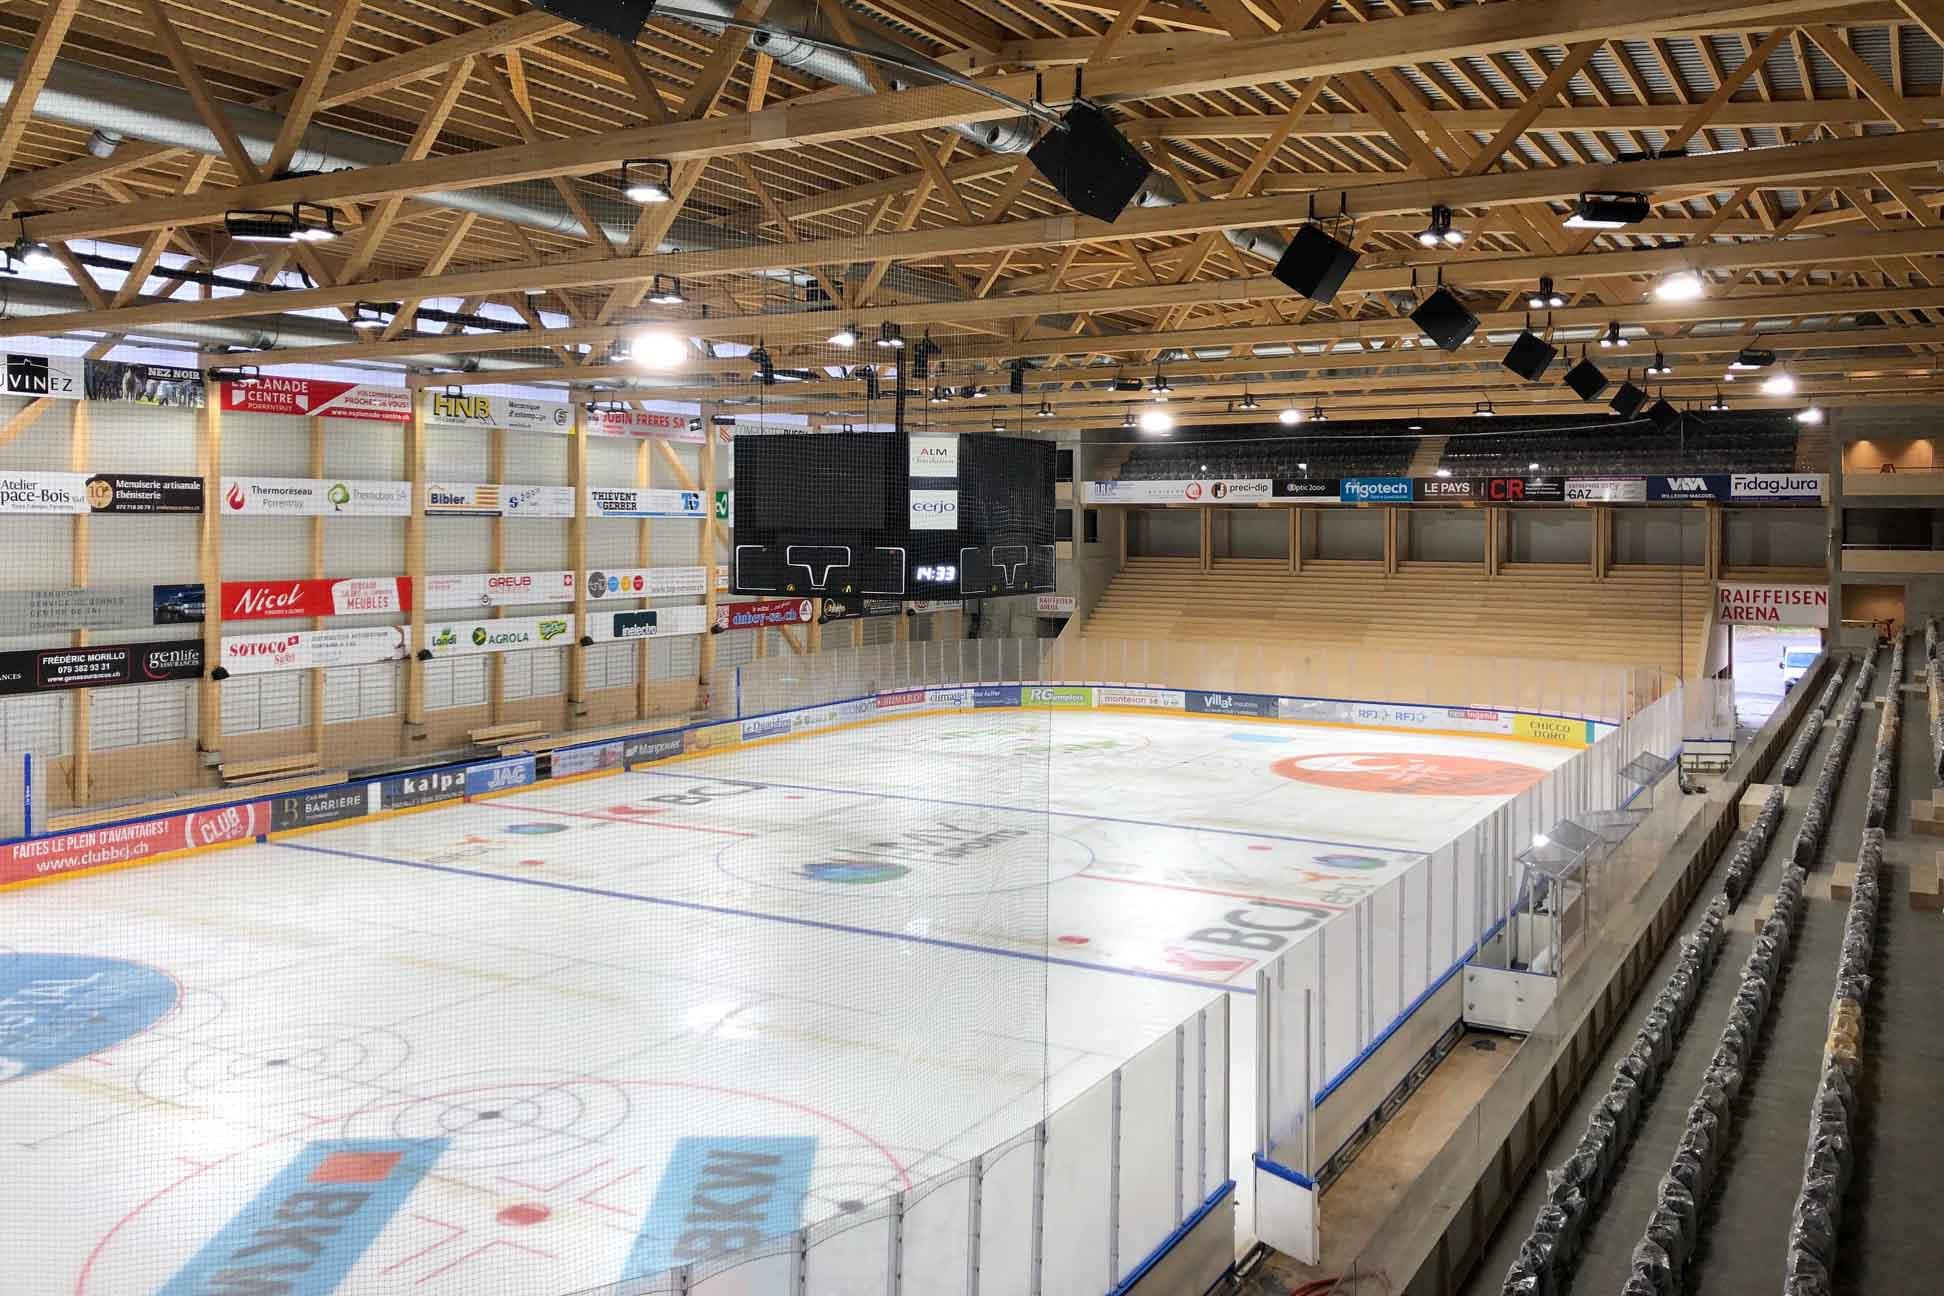 Bild des Eisfeldes der Raiffeisen-Arena in Pruntrut